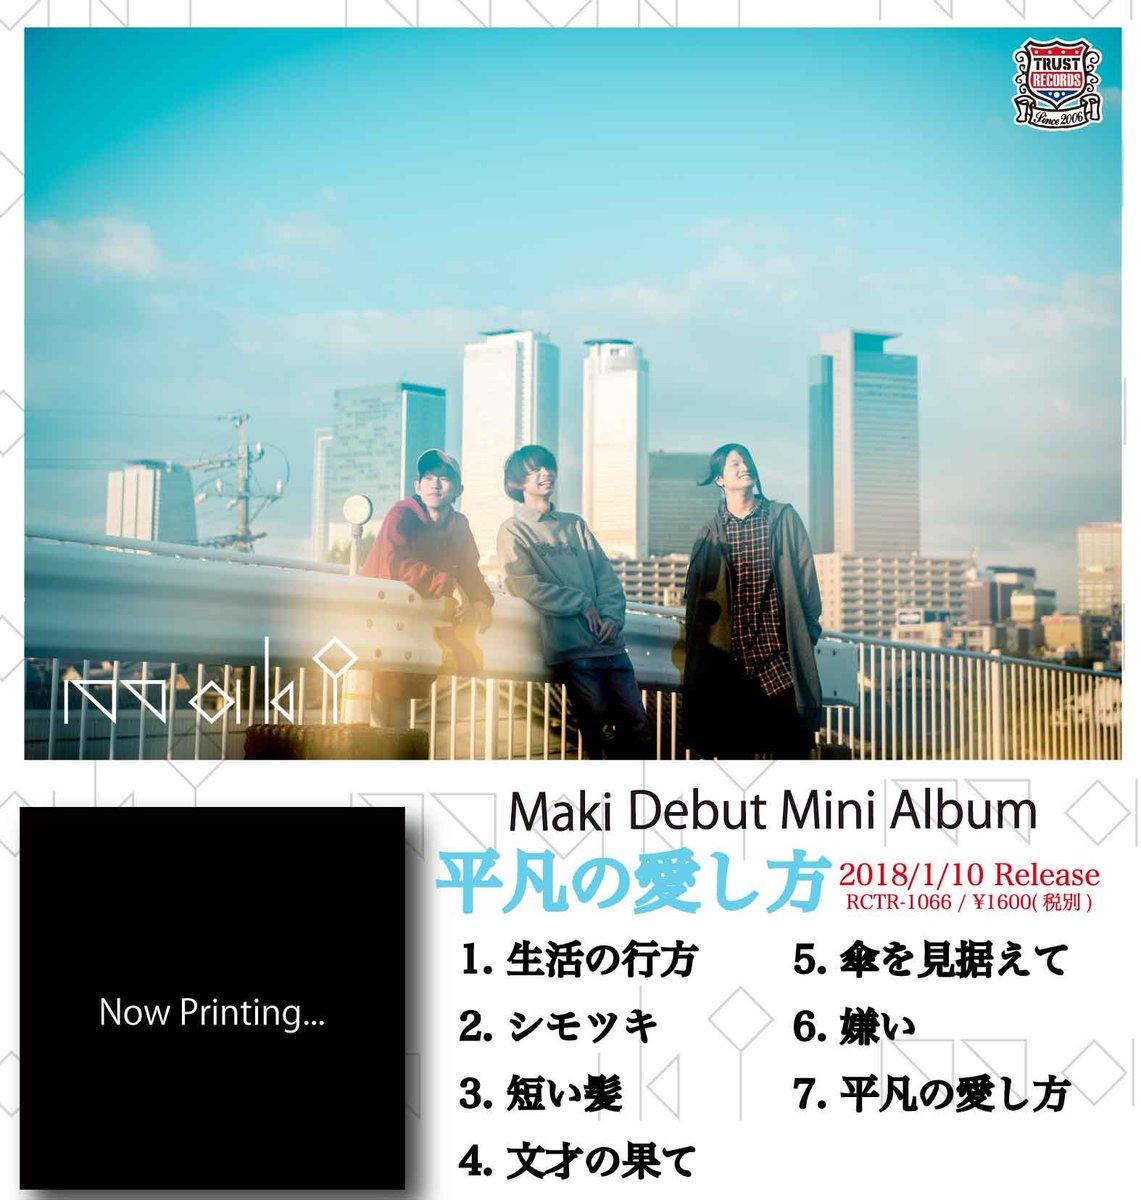 Maki Debut Mini Album「平凡の愛し方」